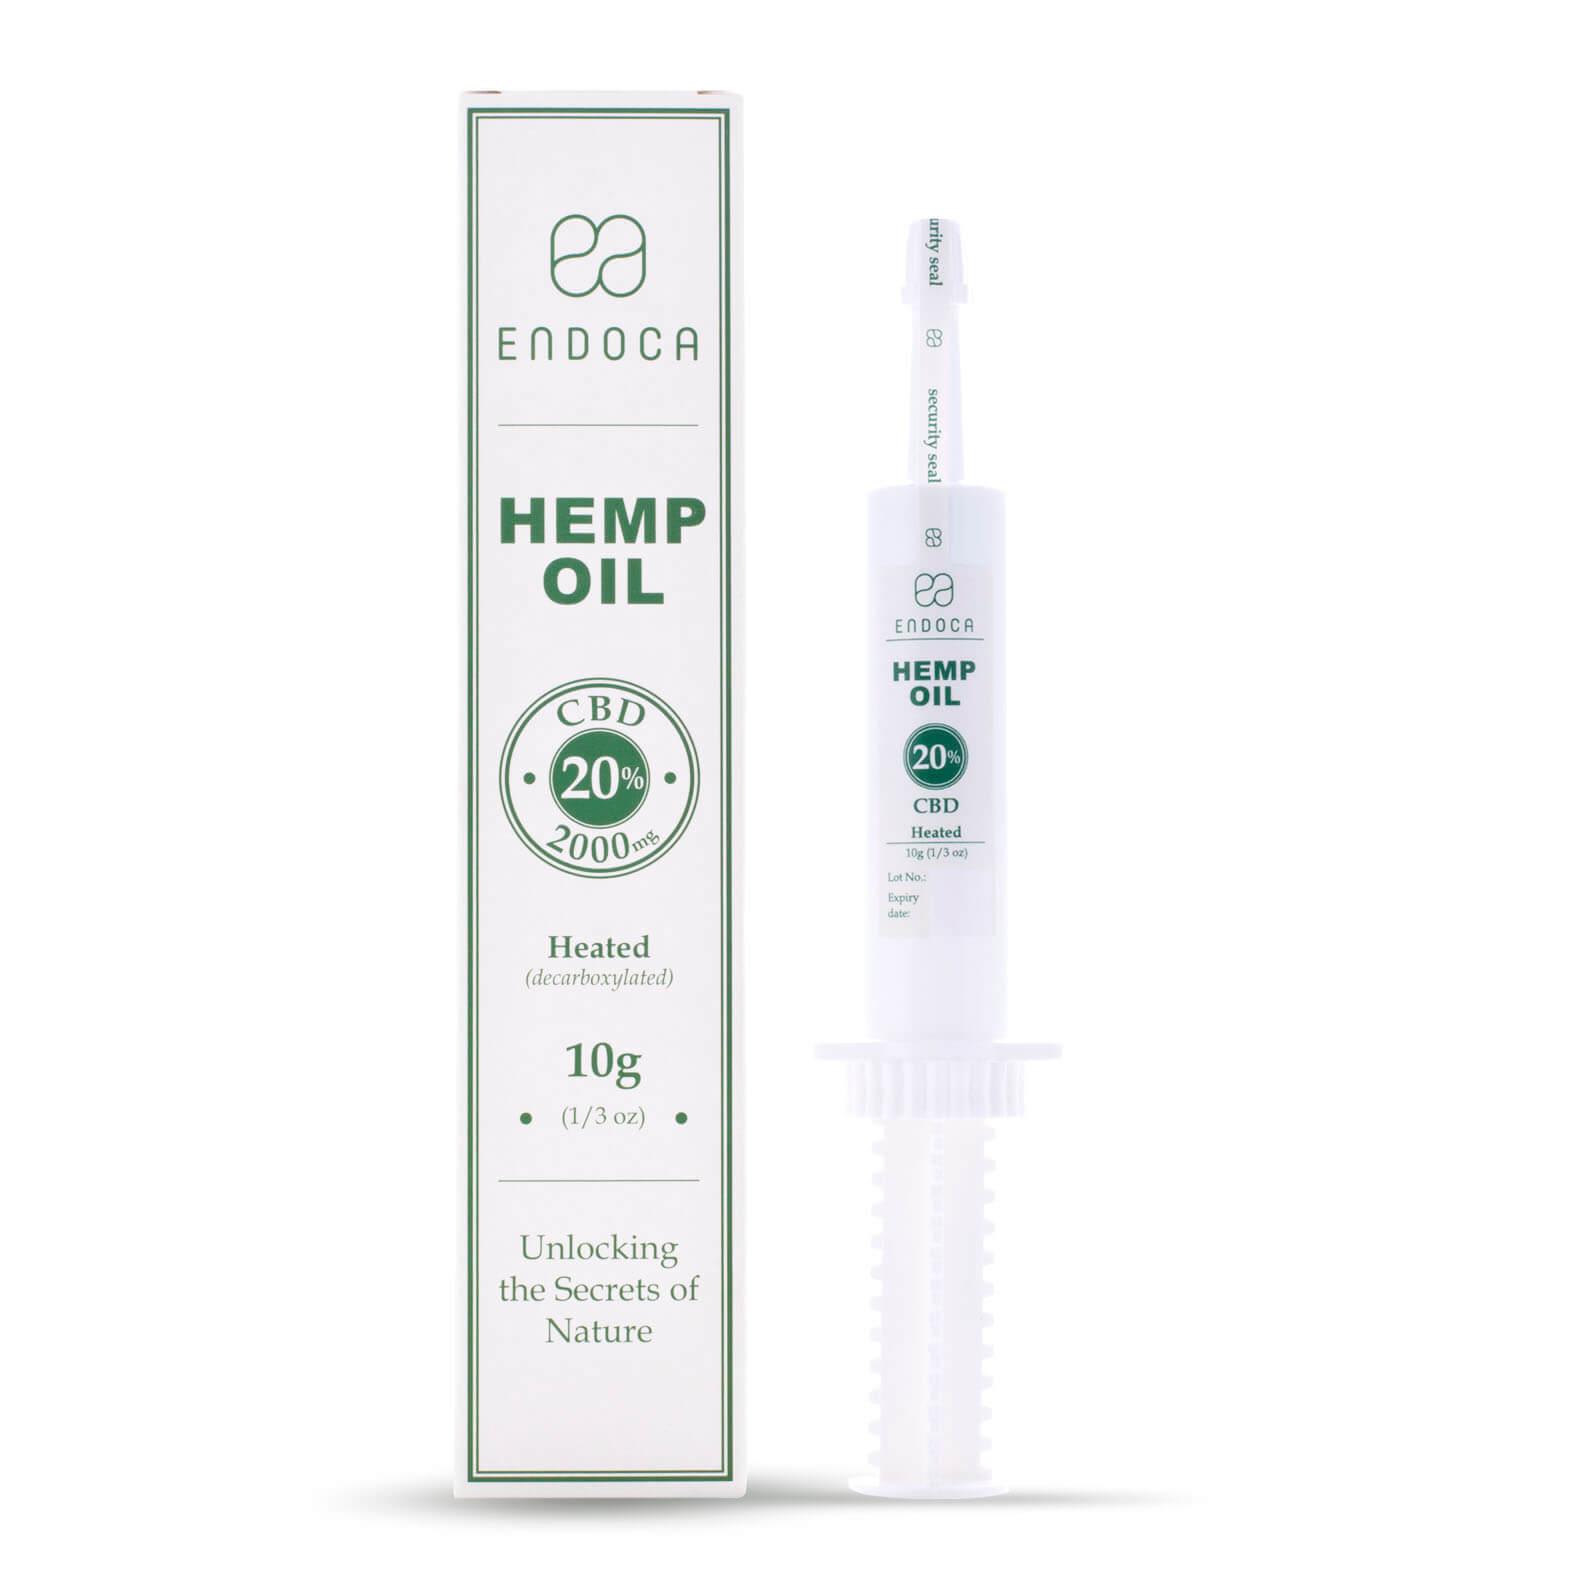 Billede af det ulovlige produkt: ENDOCA Hemp Oil Pasta 20% CBD Olie 2000mg